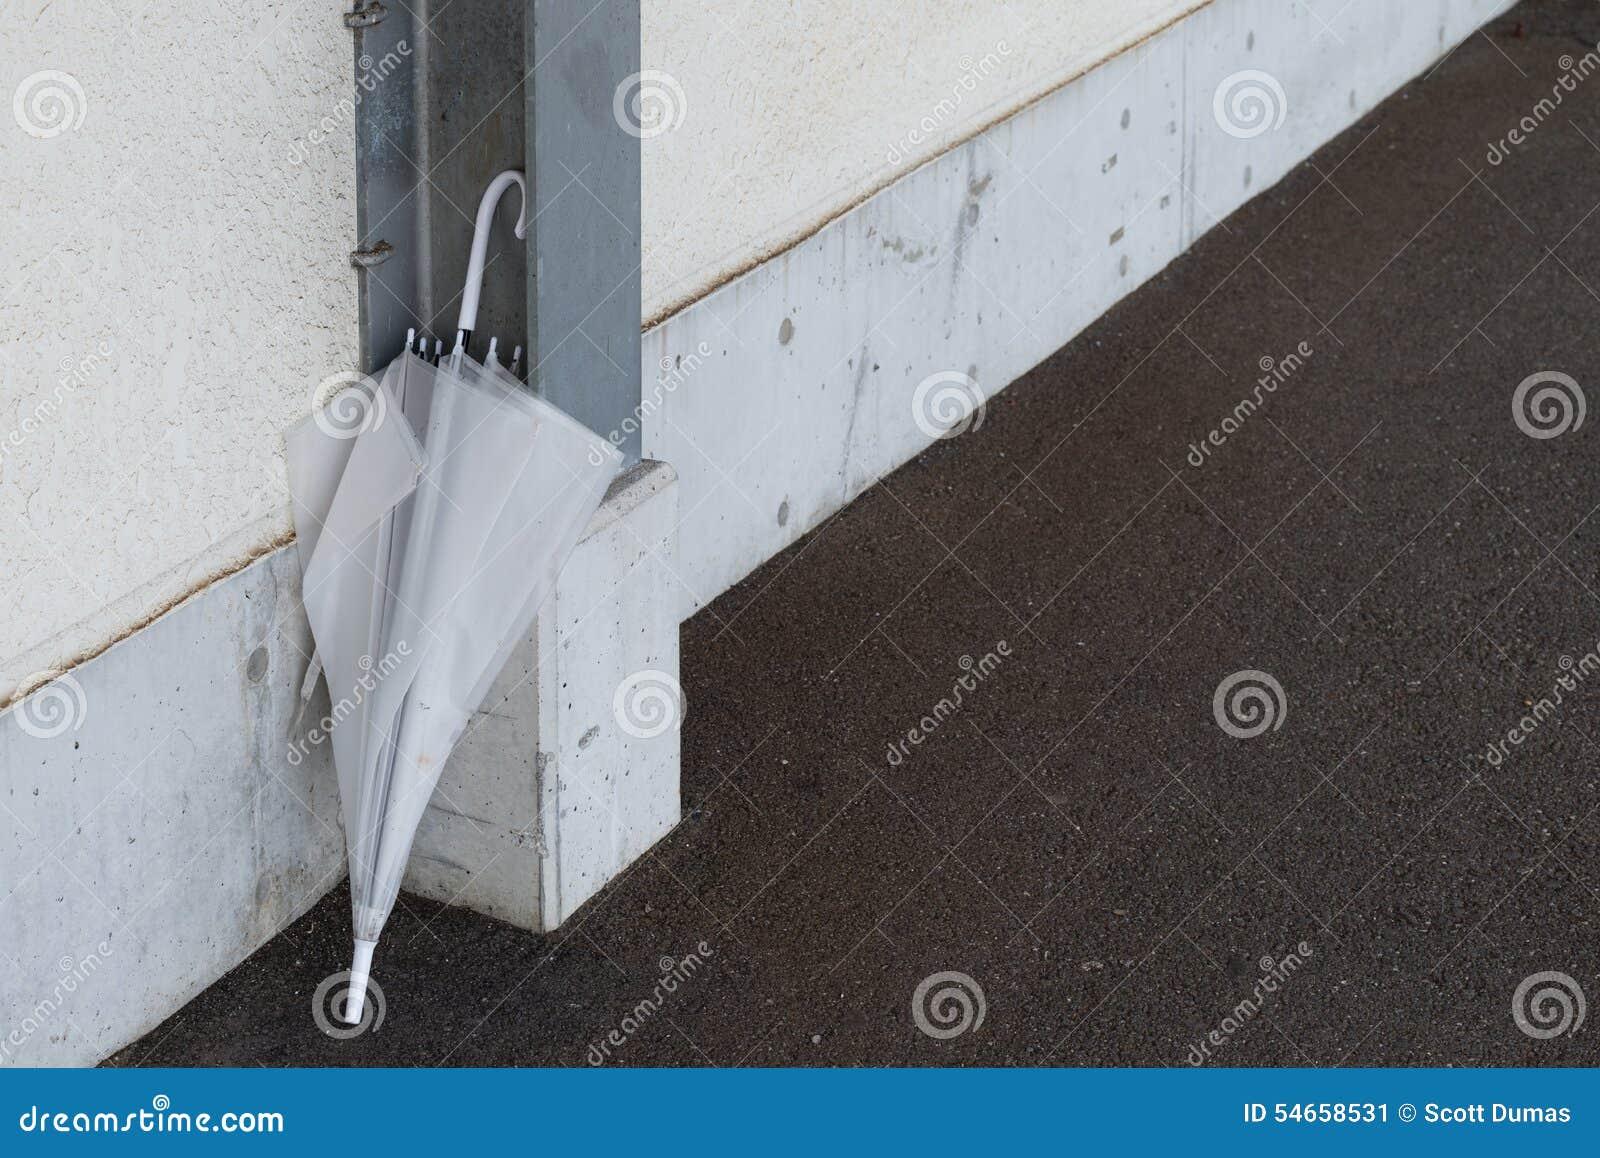 Забытый бетон тощий бетон состоит из